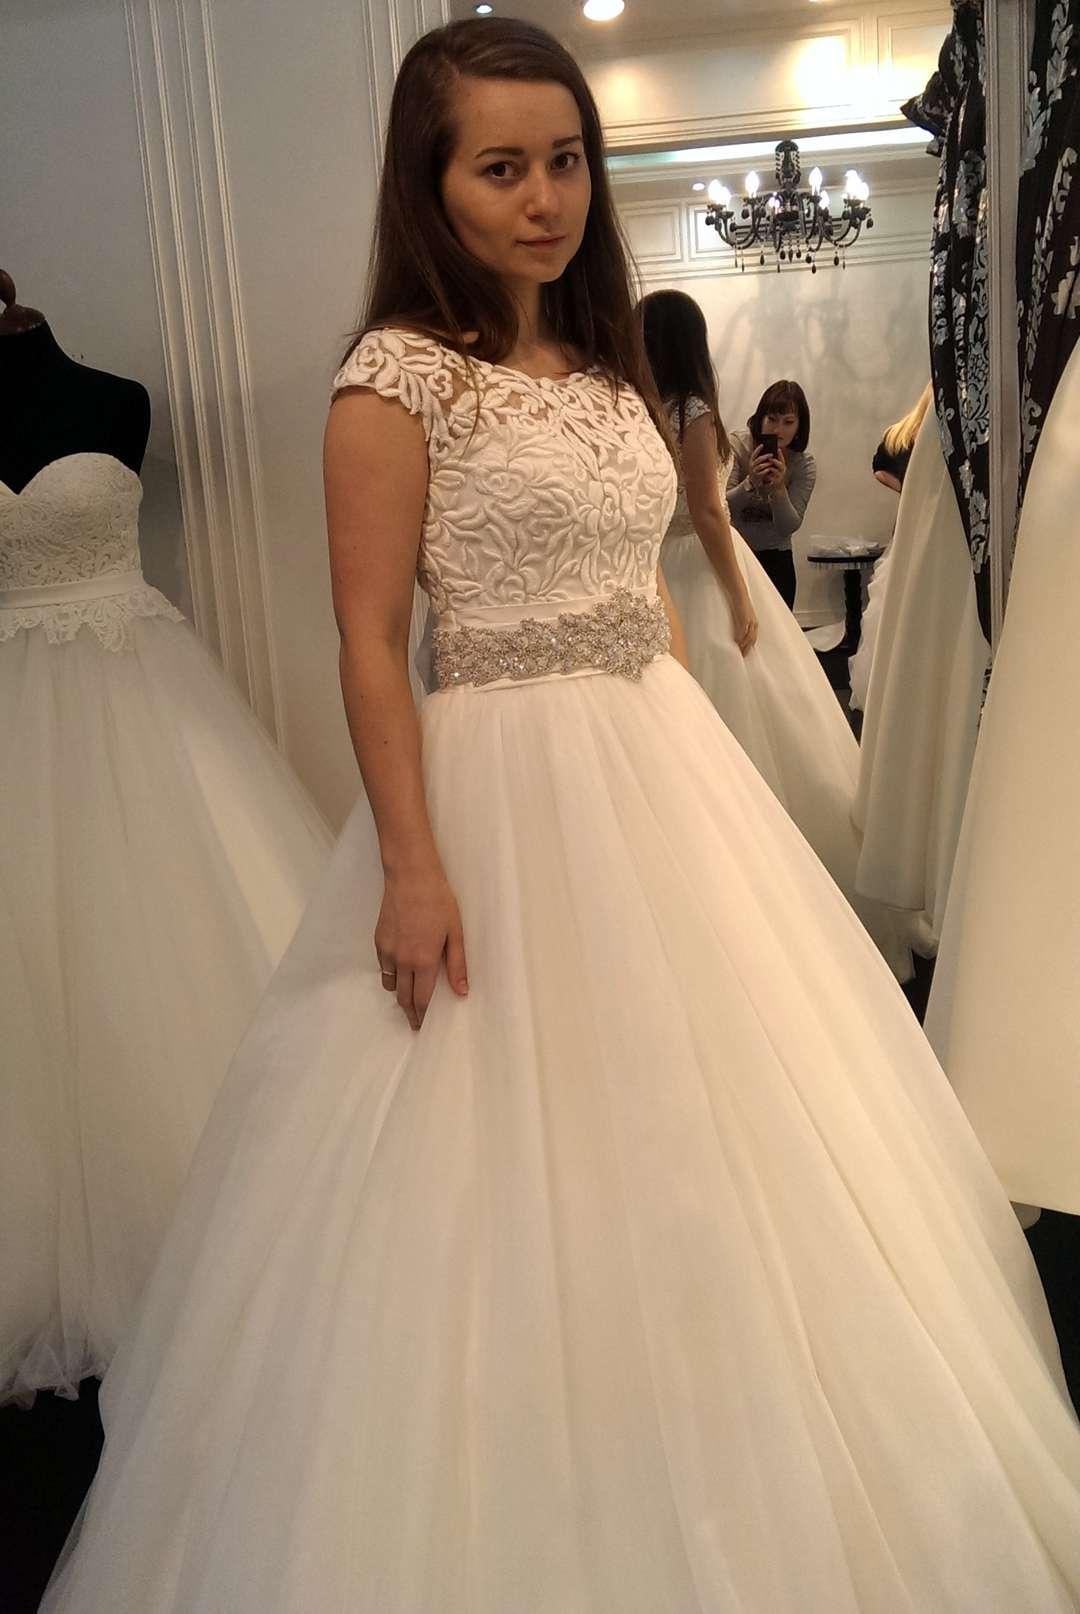 fec71ac850f75b1 Единственное, что платье, как обычно, было нам не много великовато, но нам  предложили приехать через несколько дней, сказав, что нужный размер есть на  ...